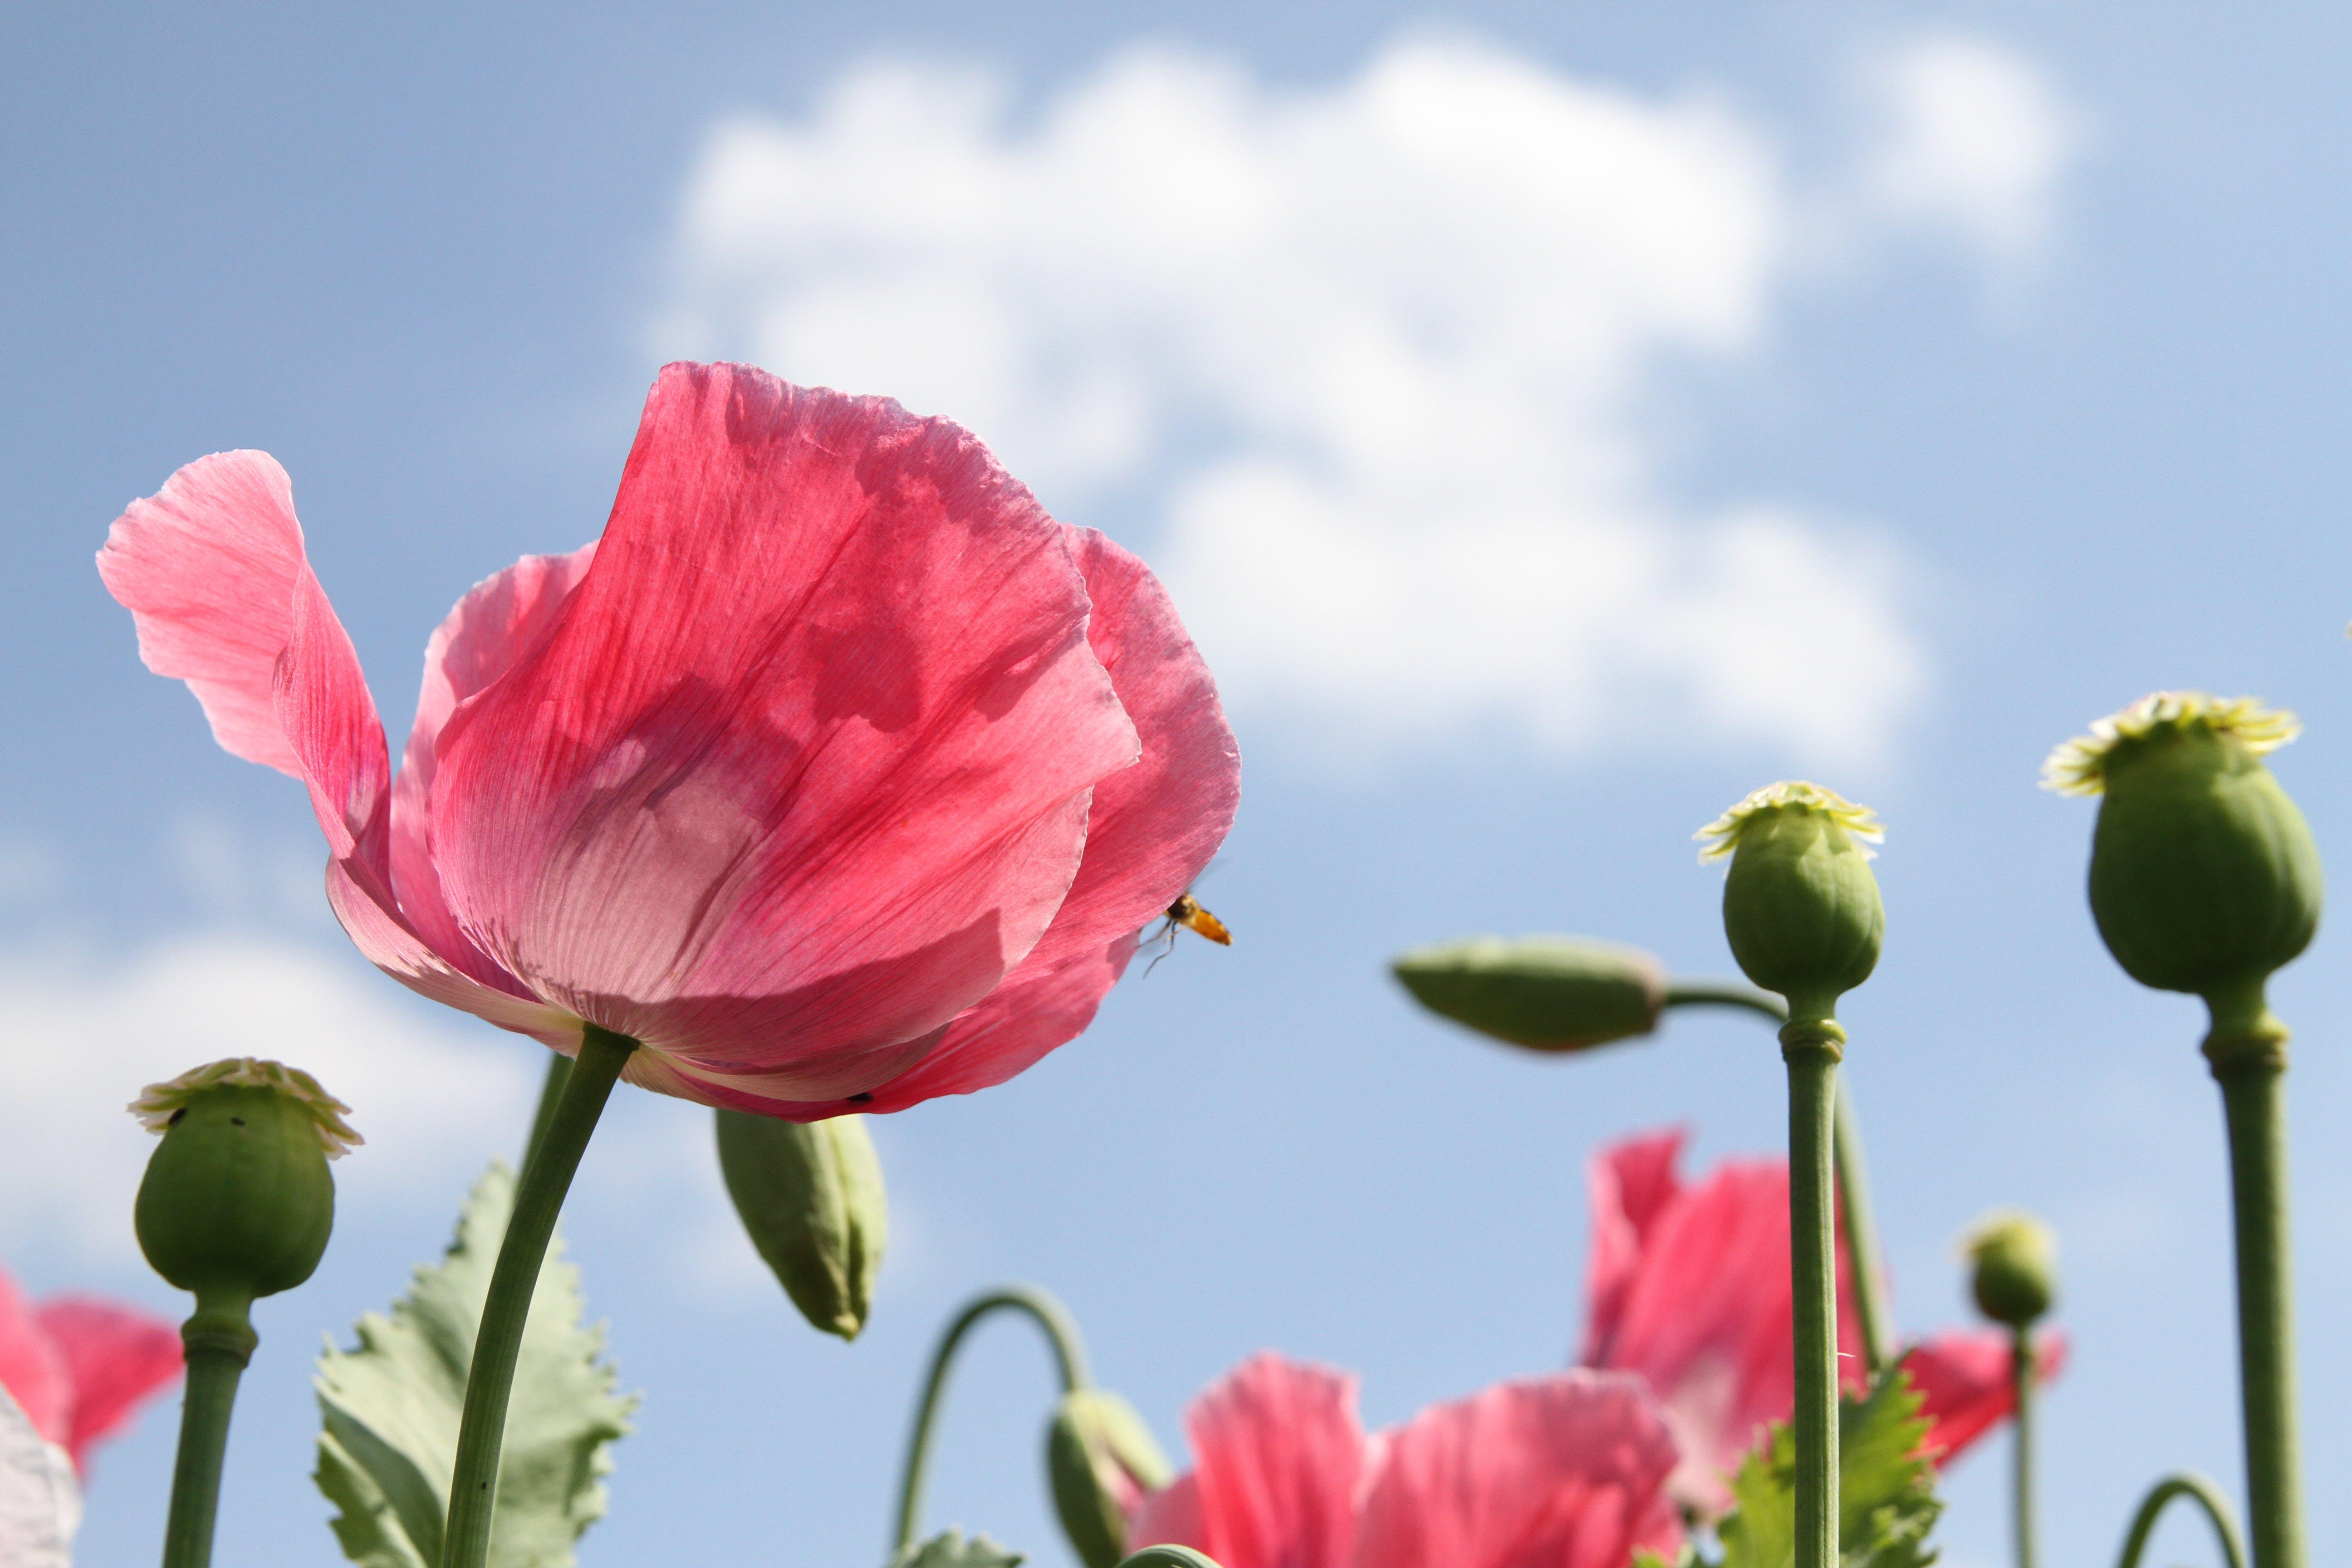 bloom, blooming, flower